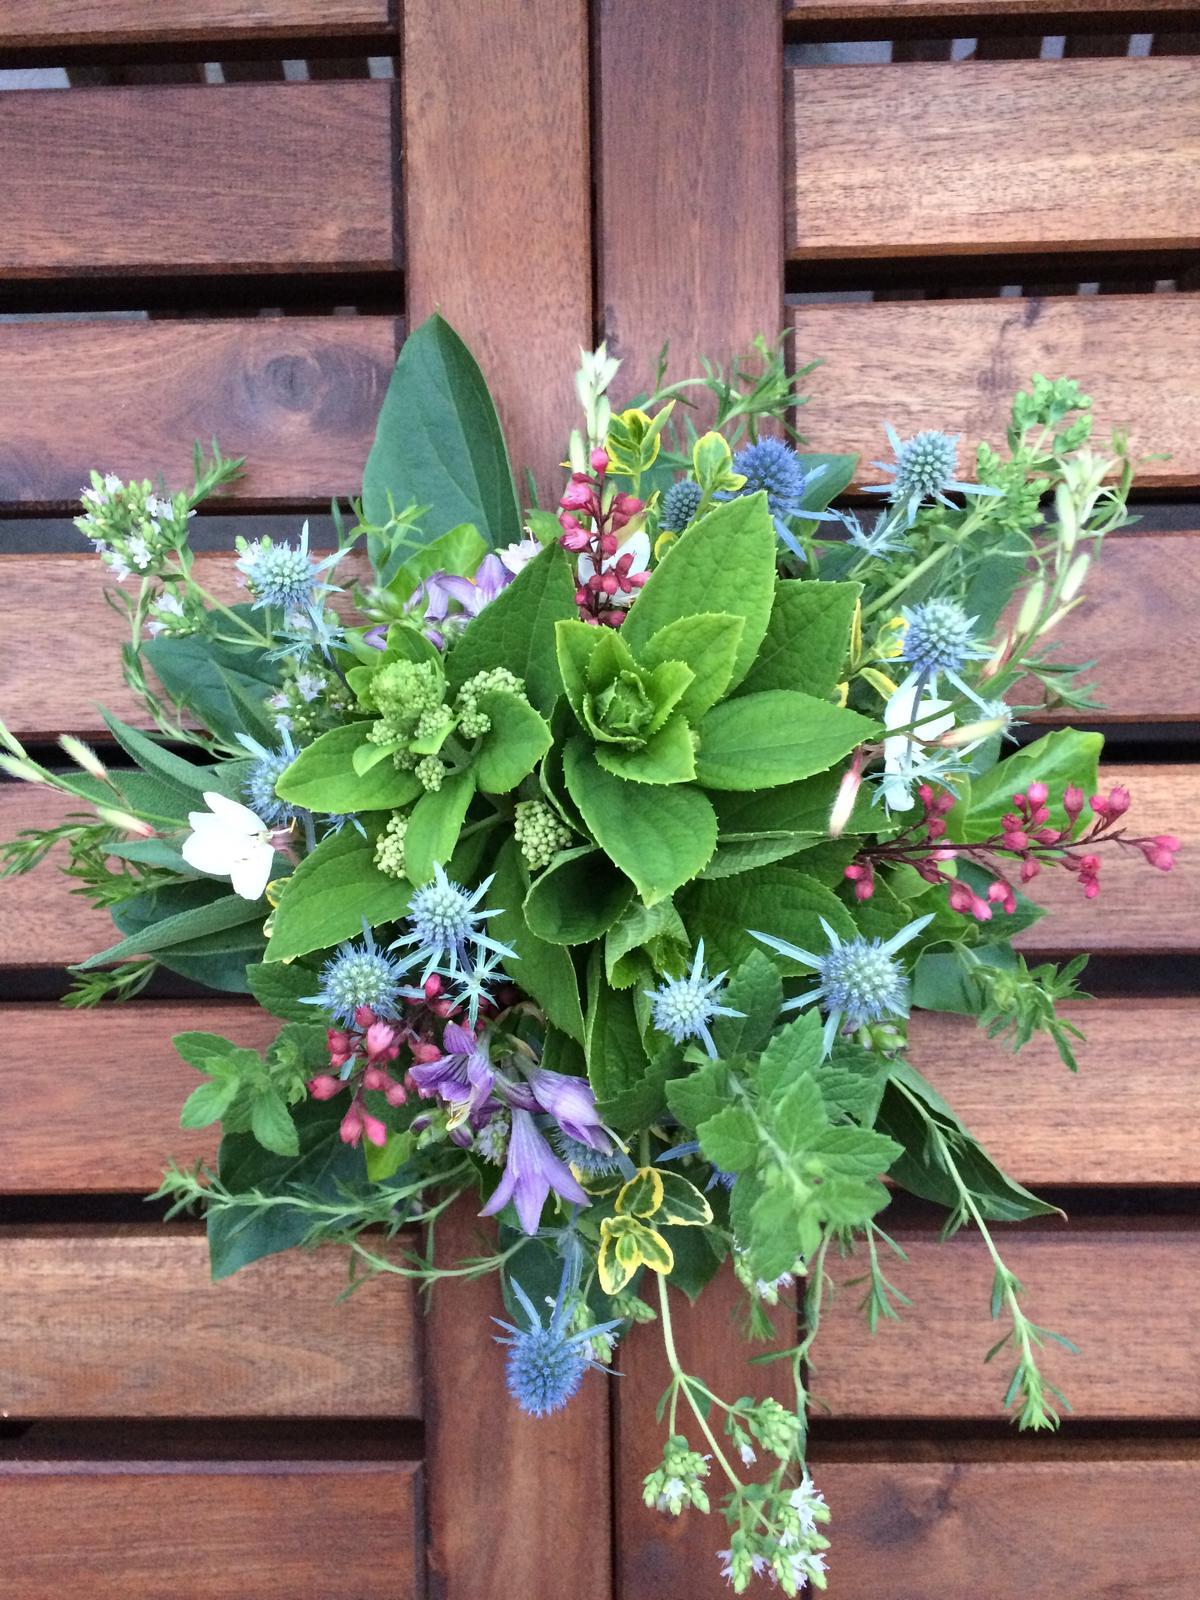 Dekorace z květin Pro radost - hortenzie latnatá, hosta, dlužicha, máčka, gaura, oregano, saturejka, šalvěj, meduňka, brslen, břečťan, pivoňkové listy